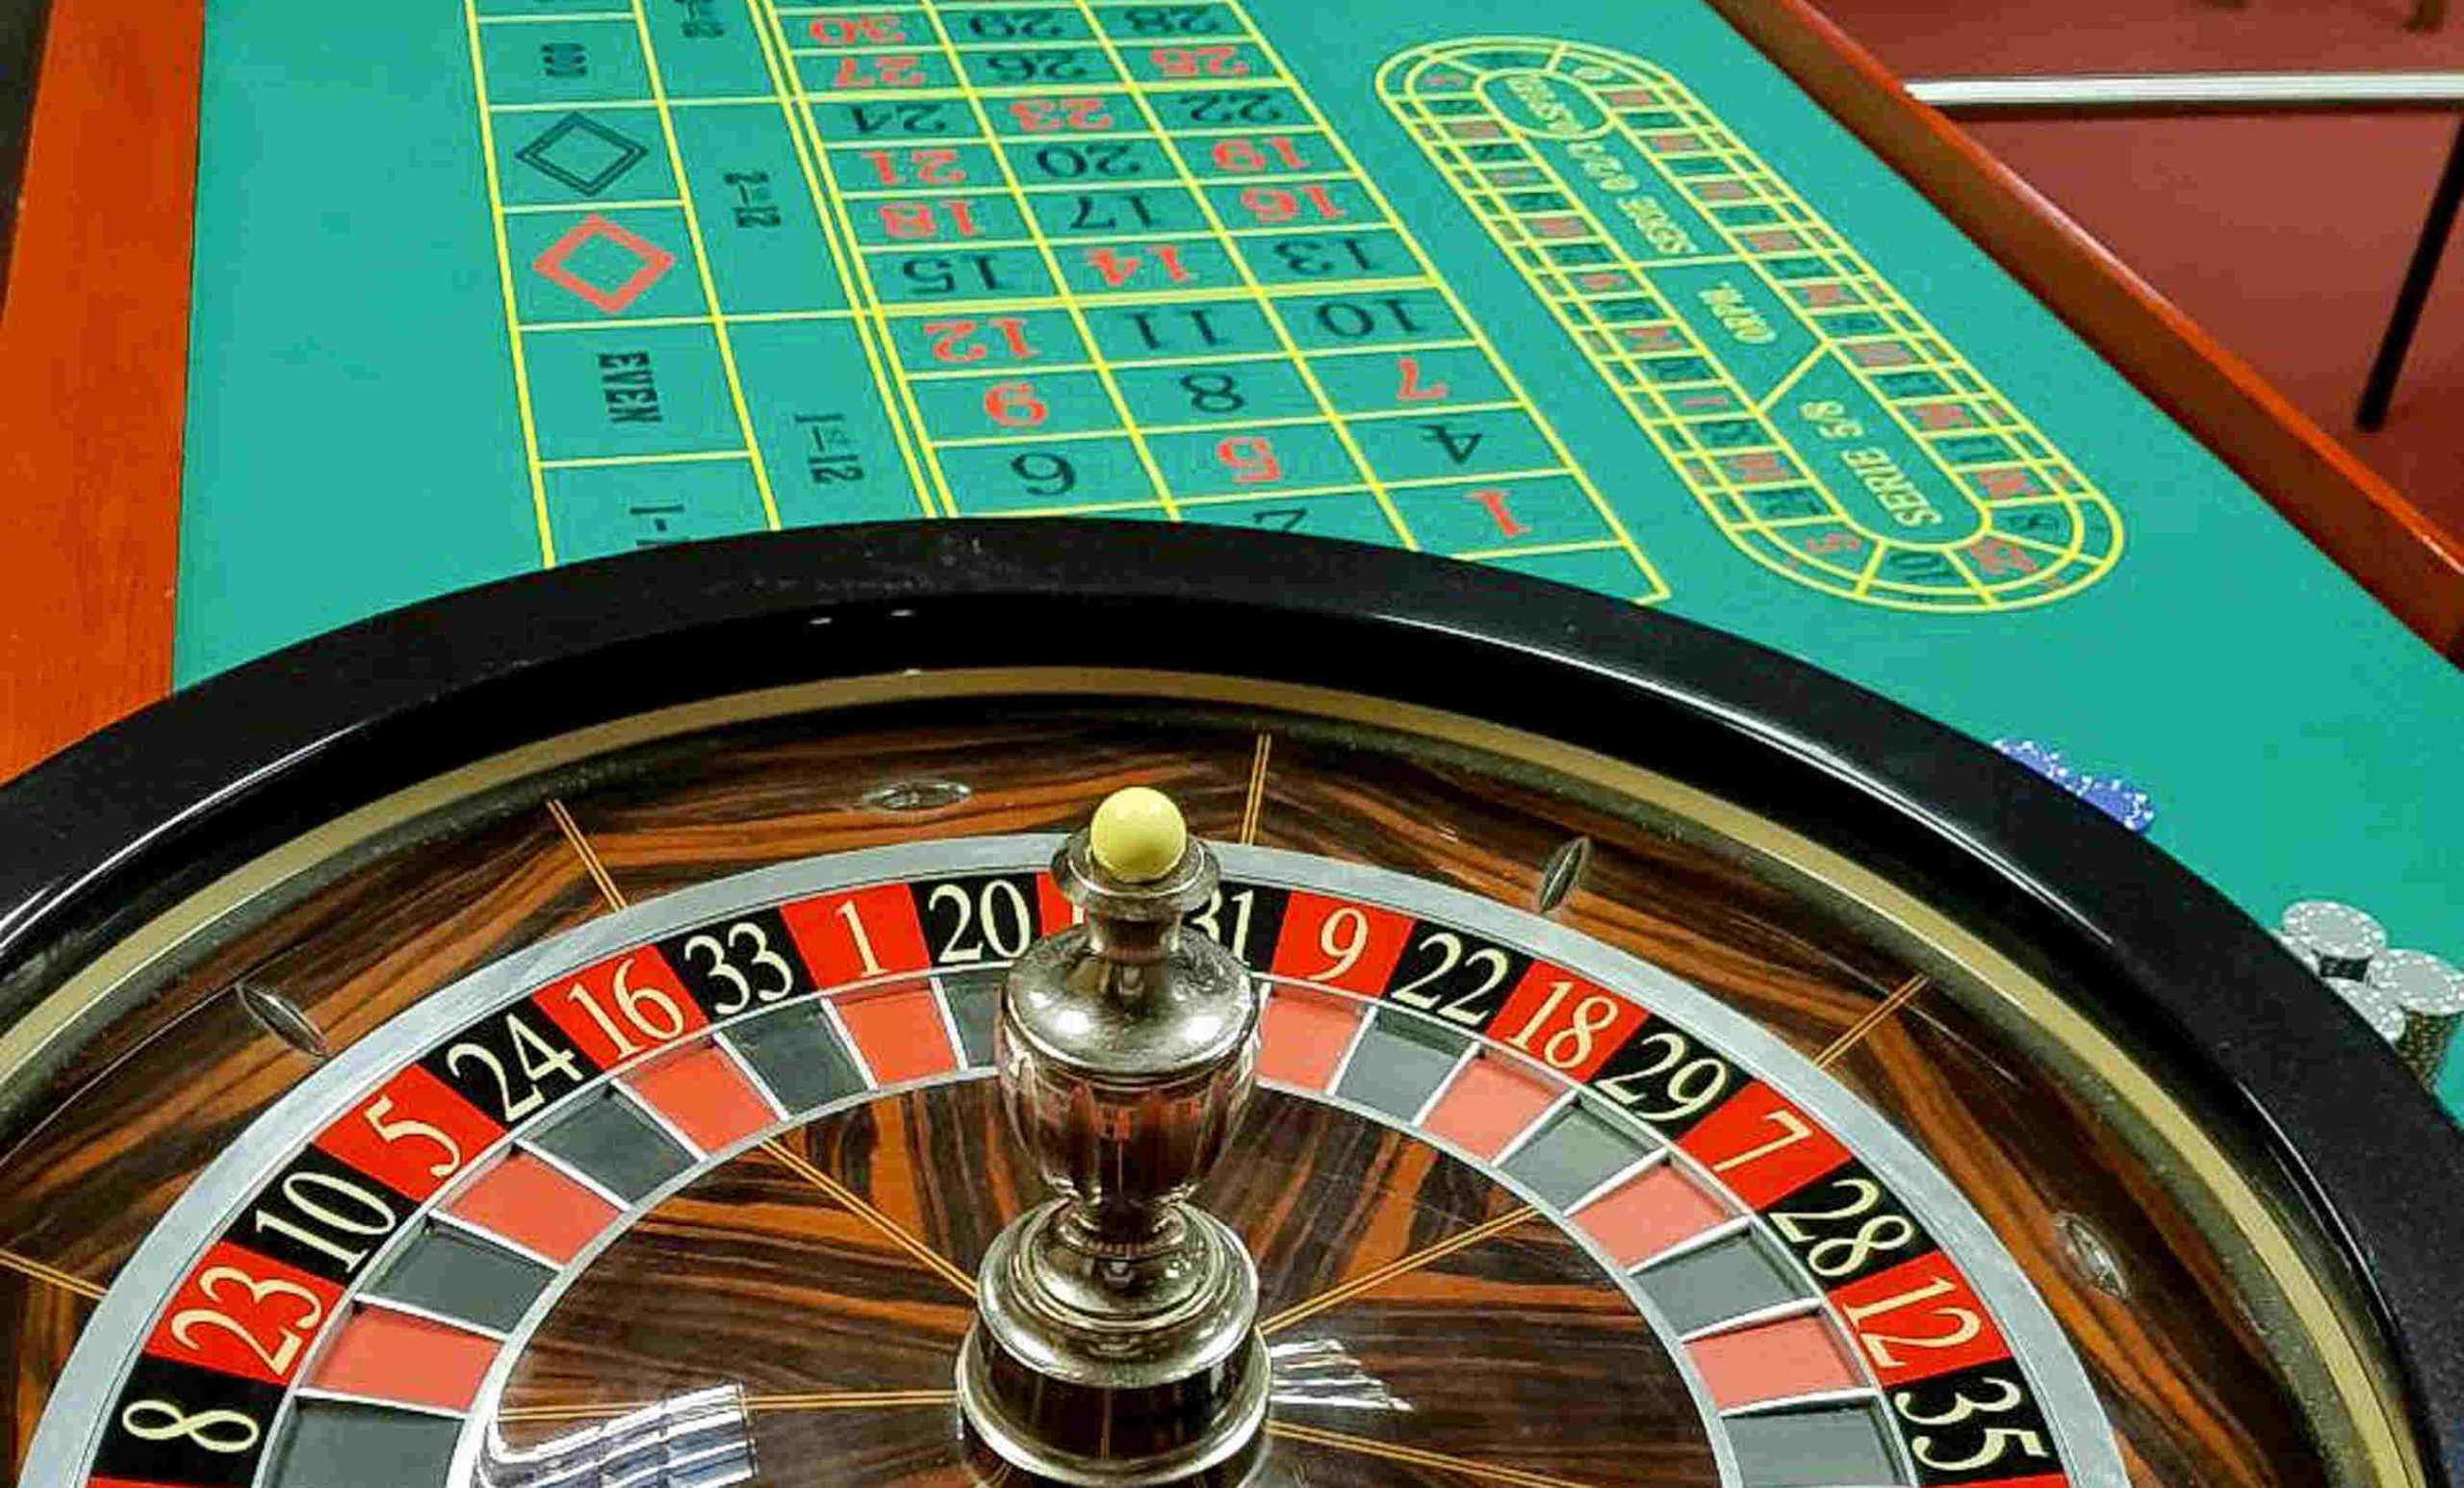 Καλλιθέα: Κατάστημα είχε μετατραπεί σε μίνι καζίνο – 23 συλλήψεις